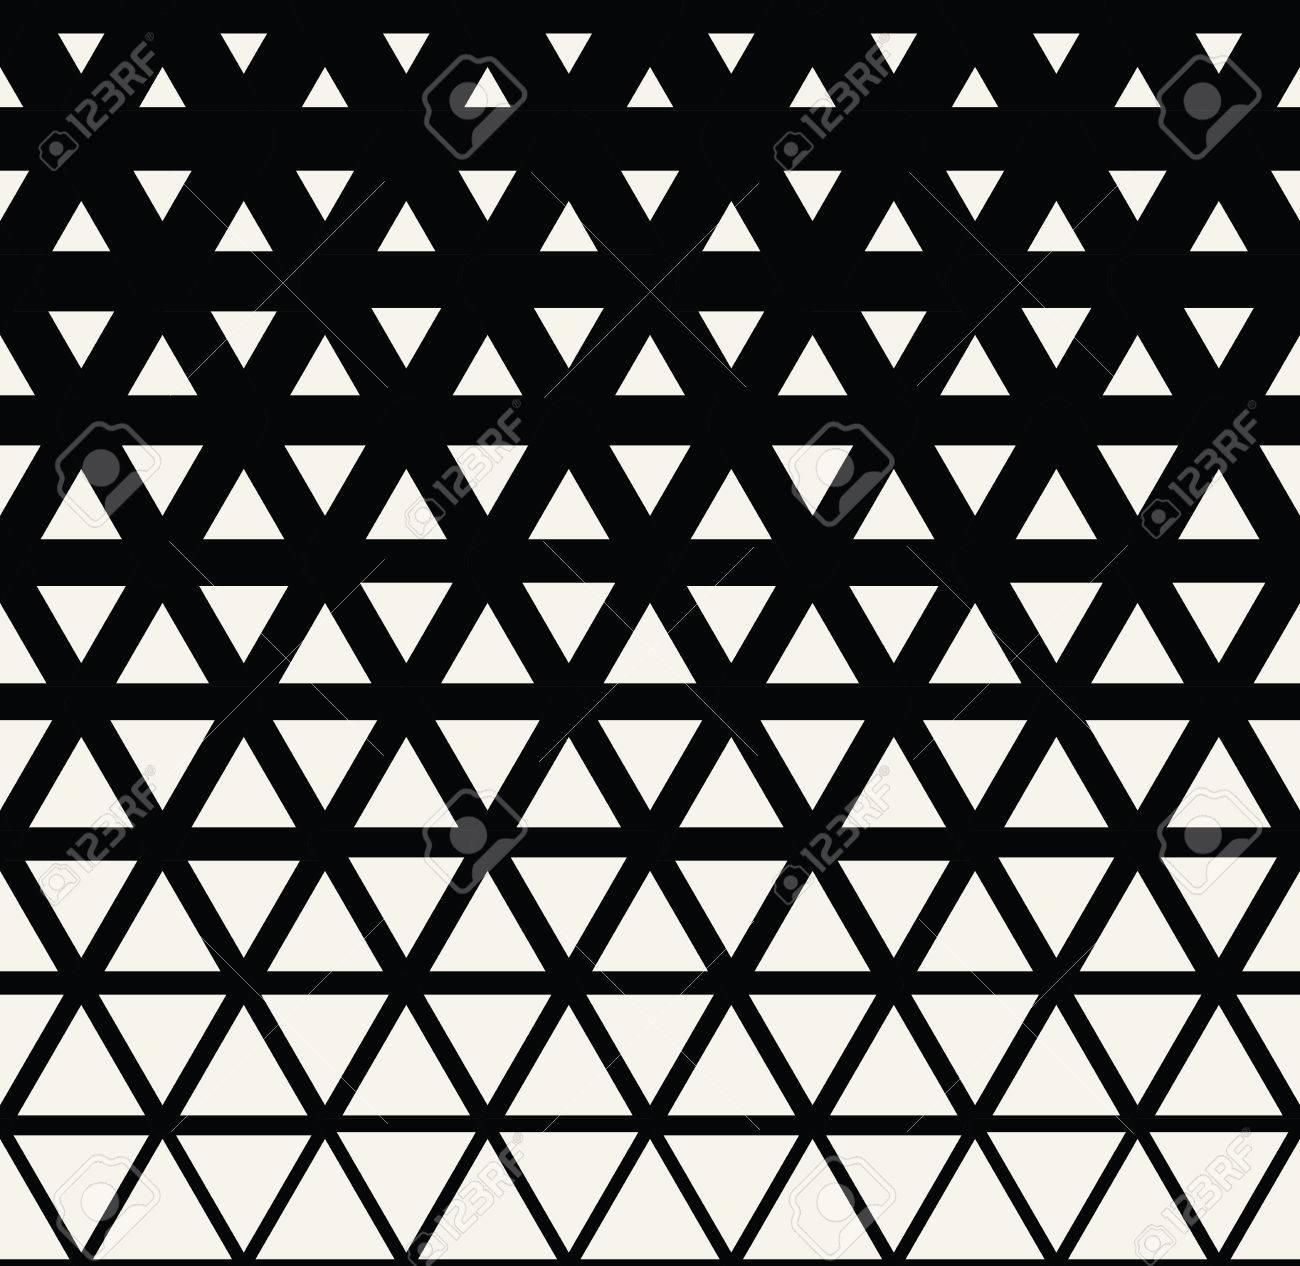 Conception Graphique Motif Geometrique Abstrait Triangle Tramee Noir Et Blanc